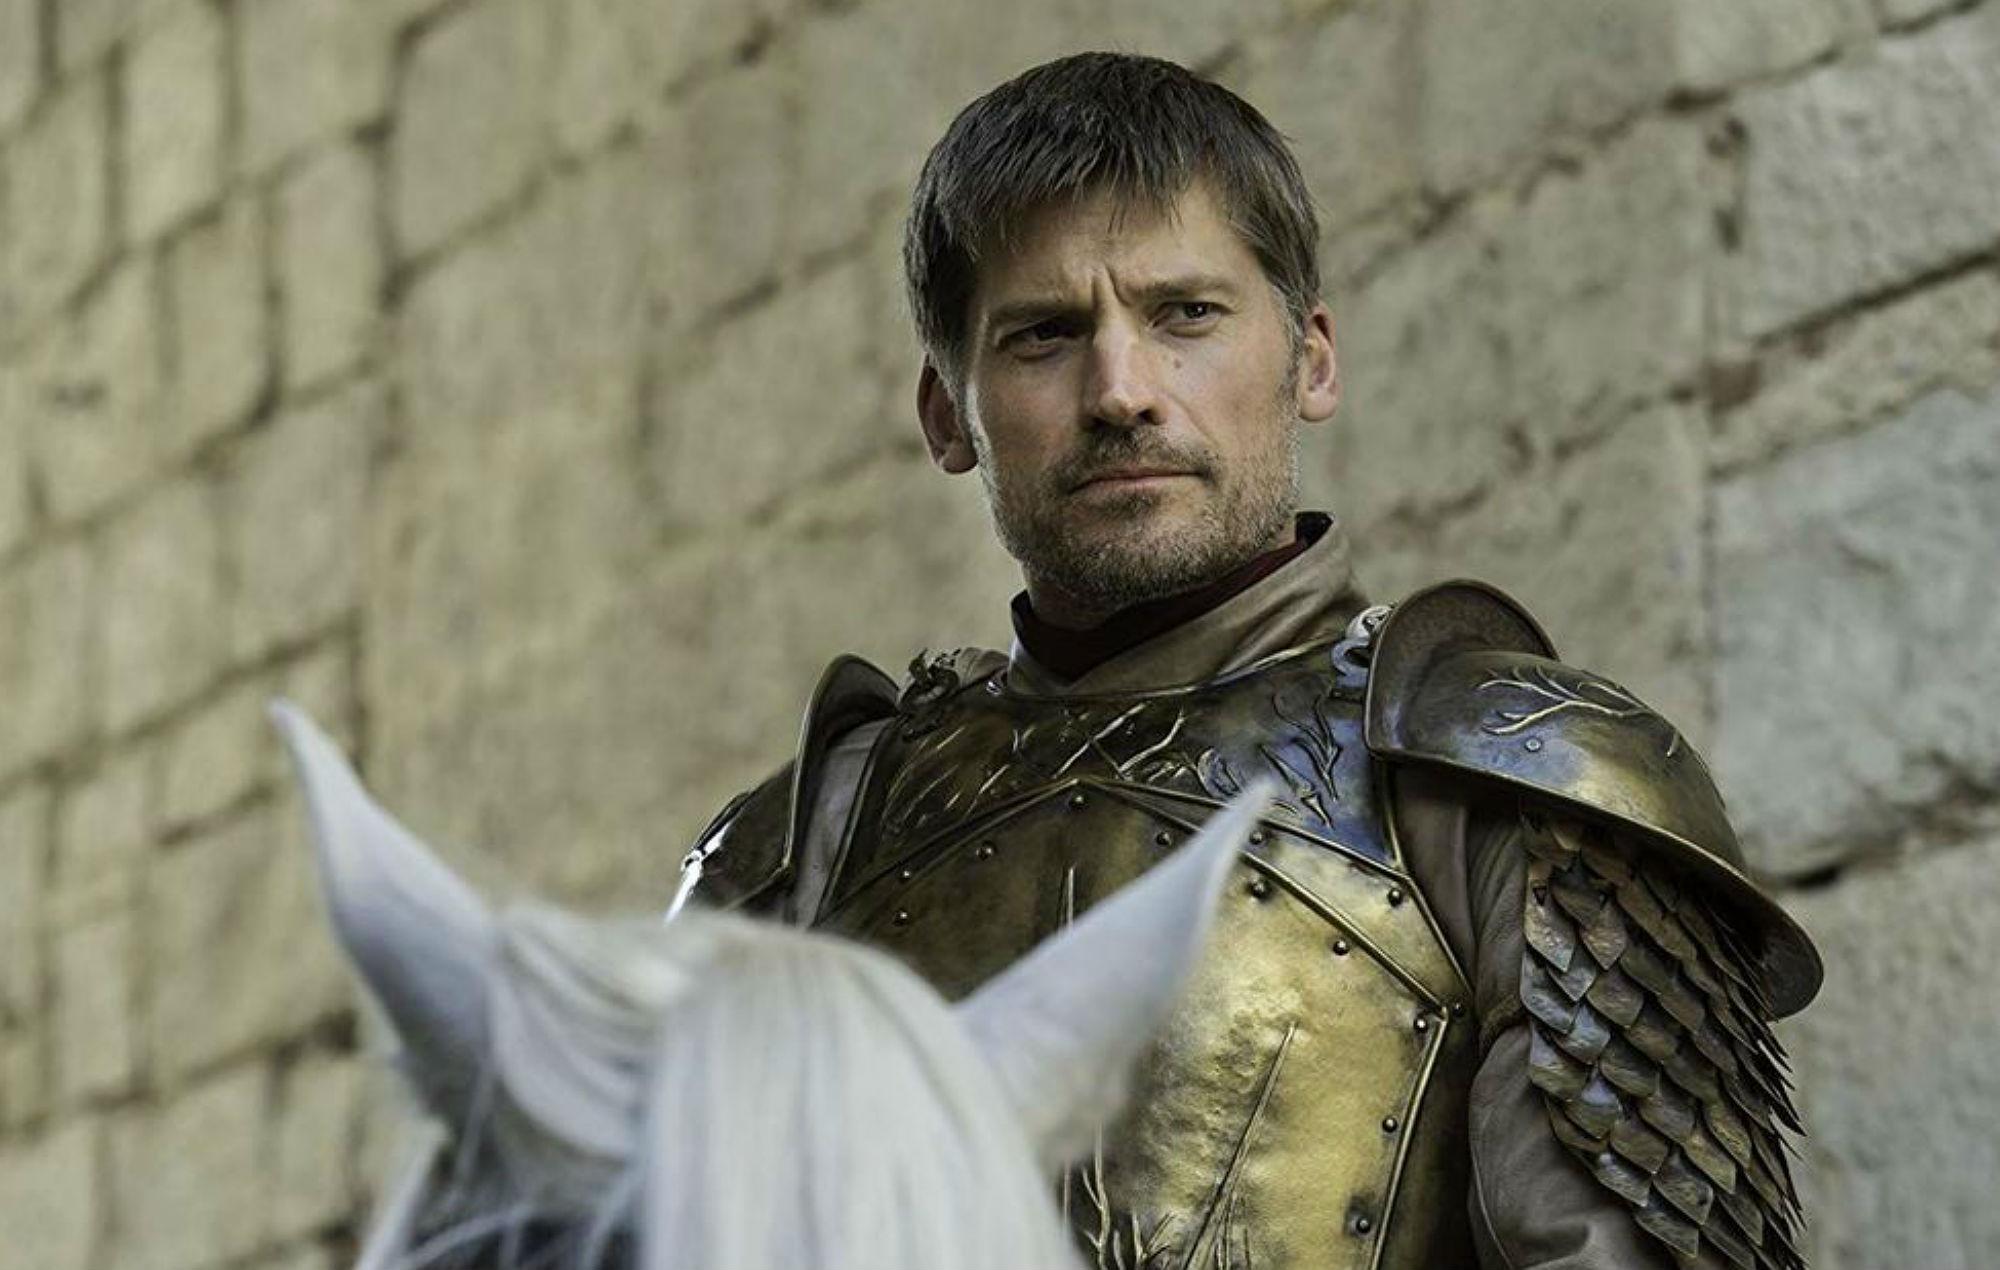 Nikolaj Coster-Waldau as Jaime Lannister in 'Game of Thrones'